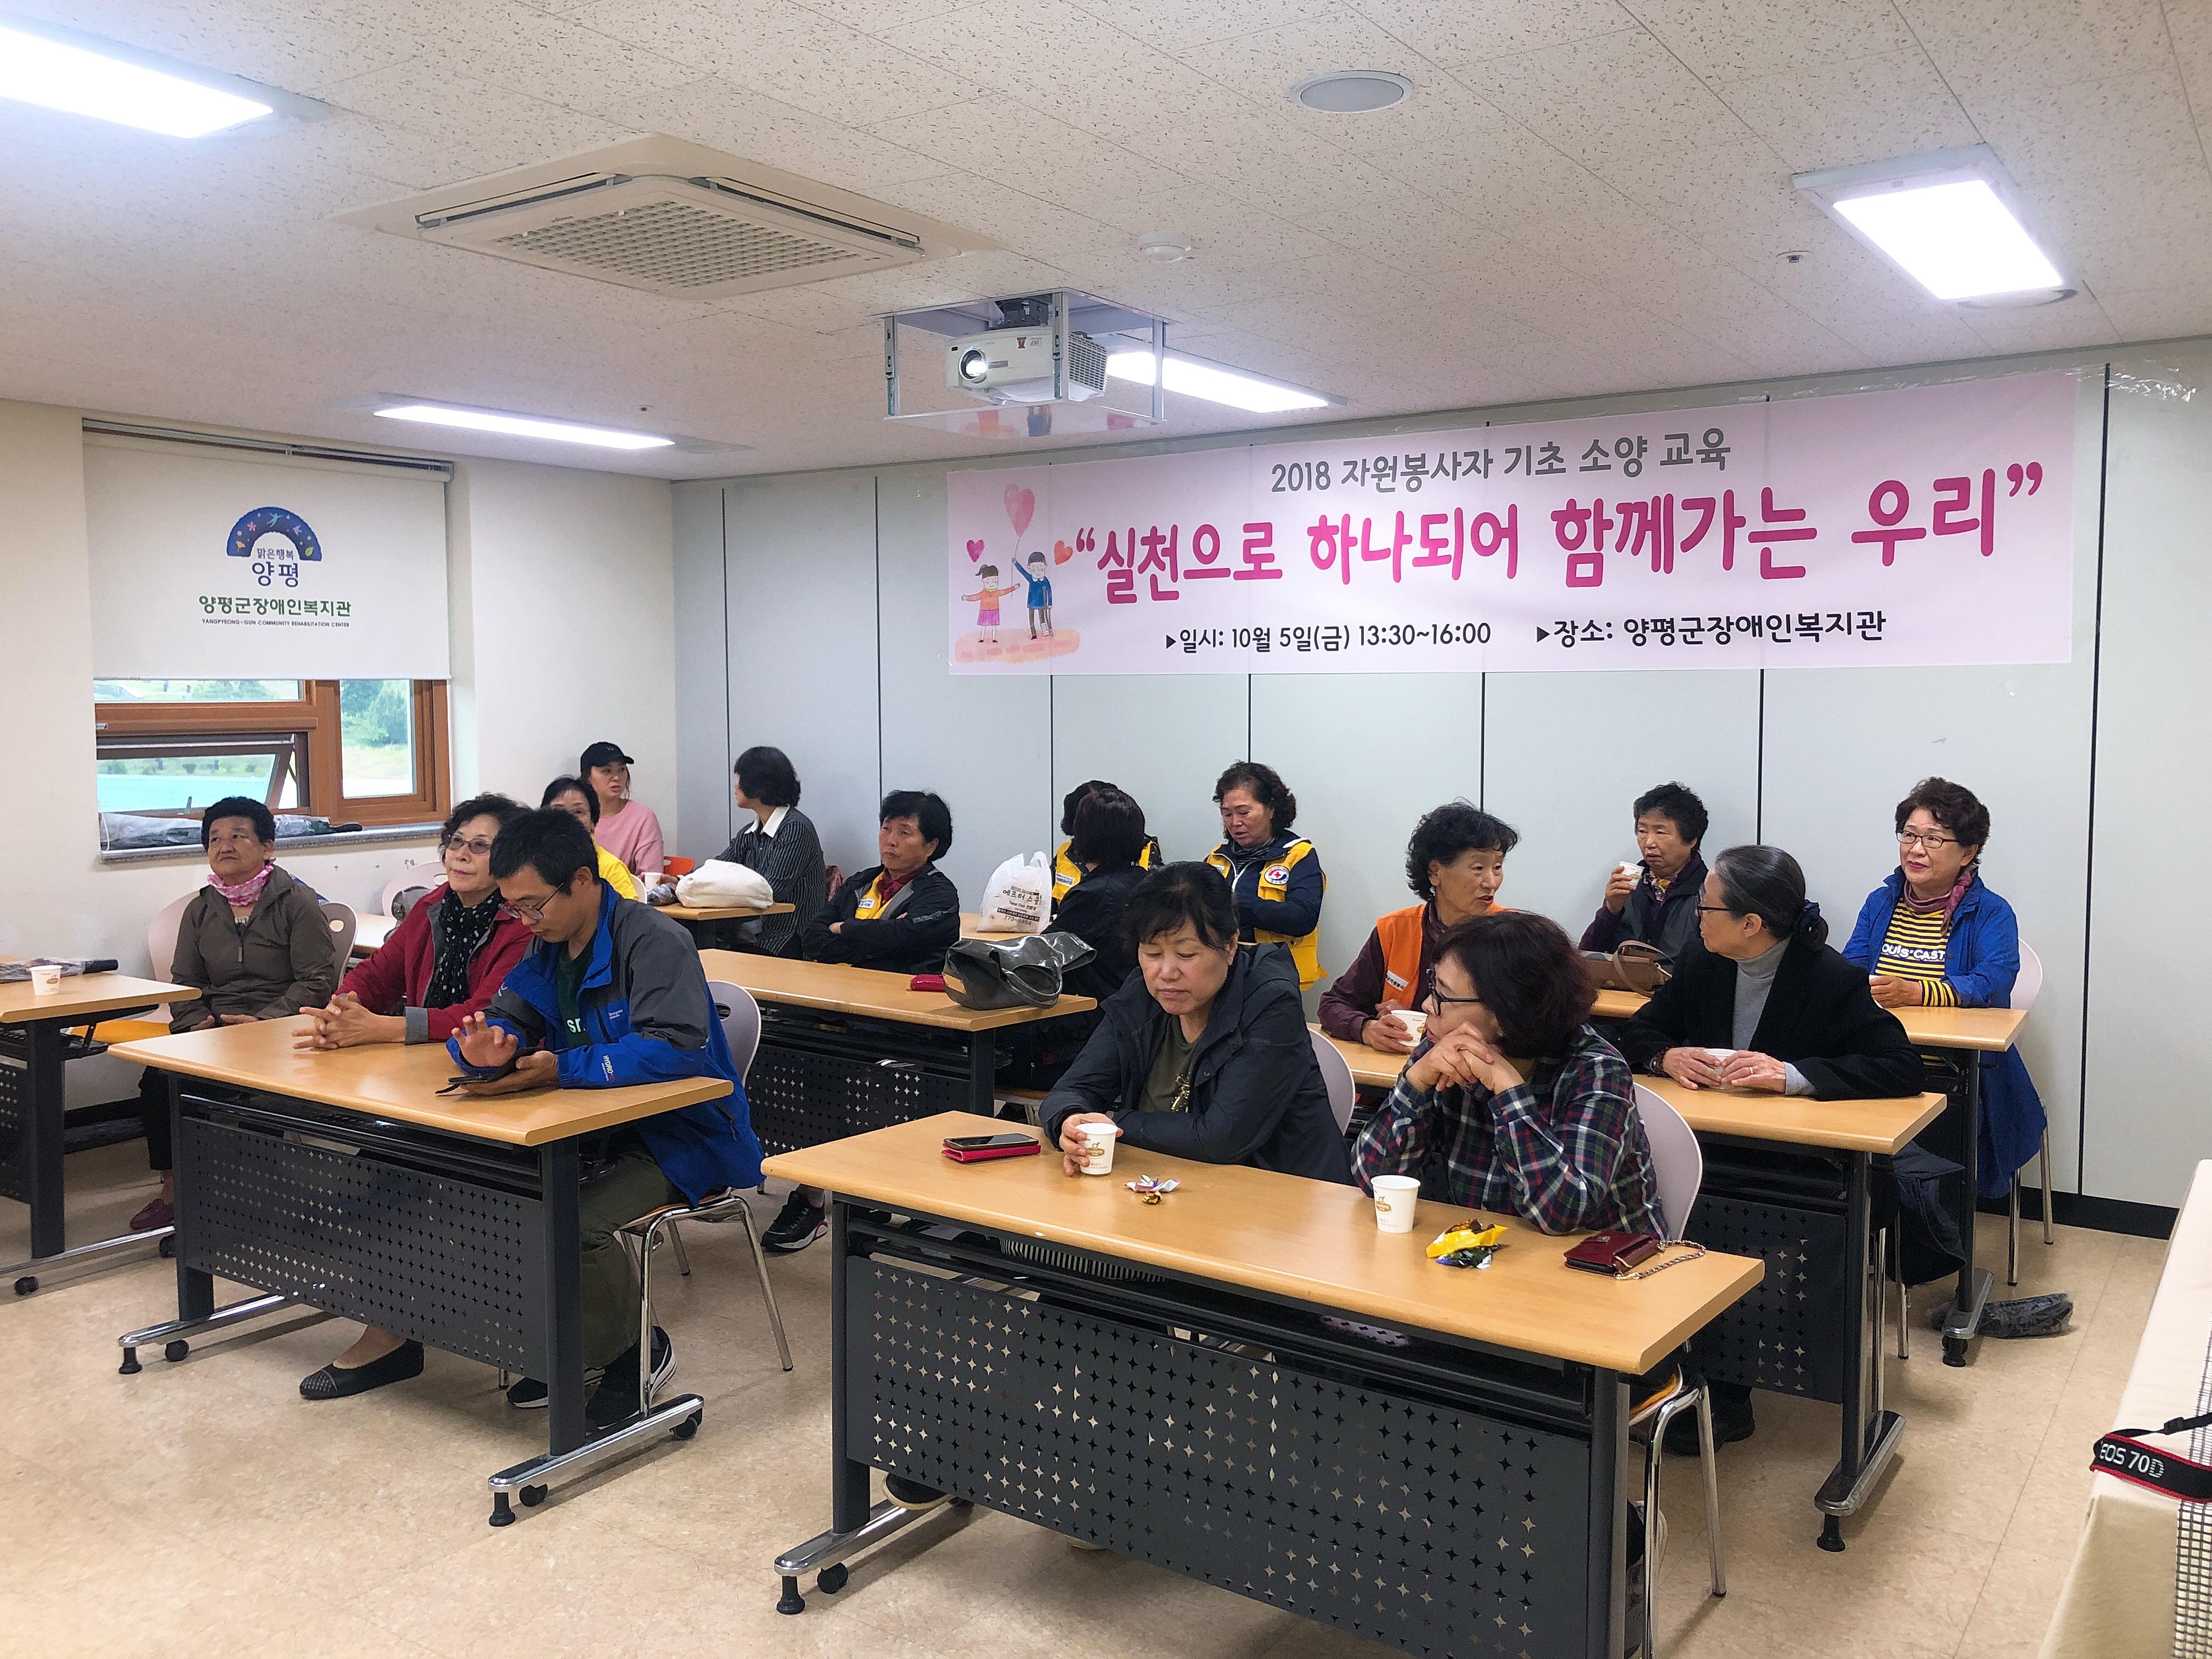 2018년 자원봉사자 기초 소양교육 진행